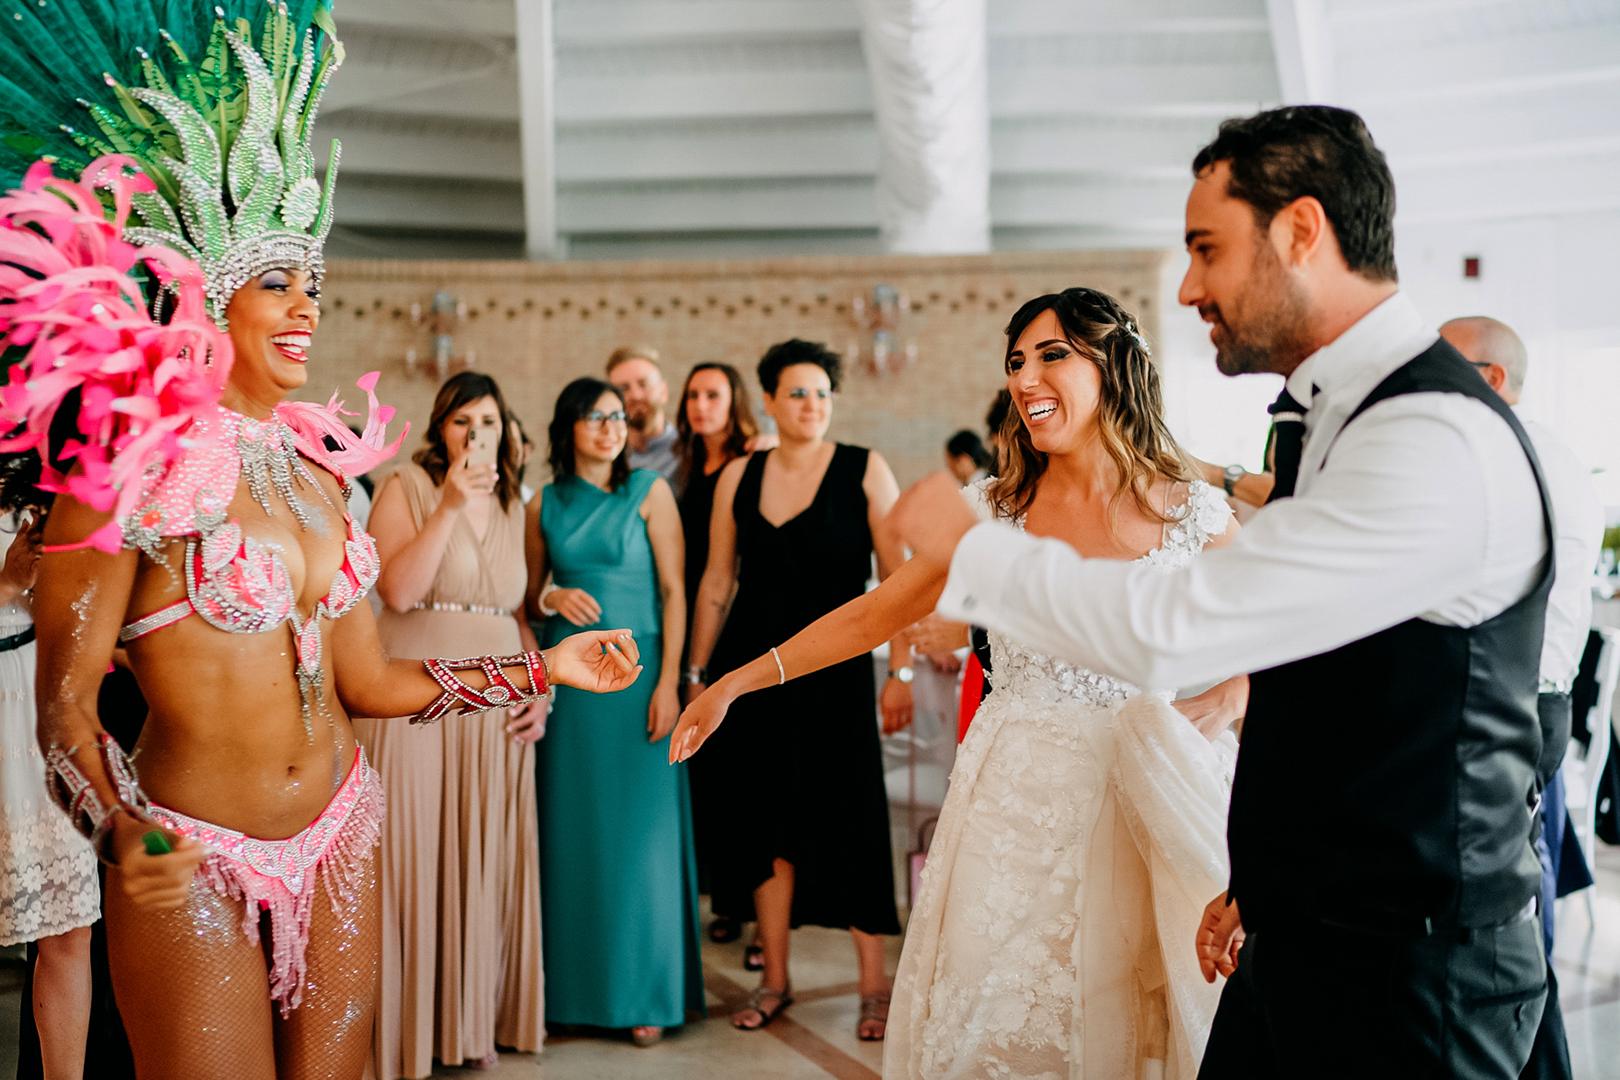 27 gianni-lepore-balli-sposi